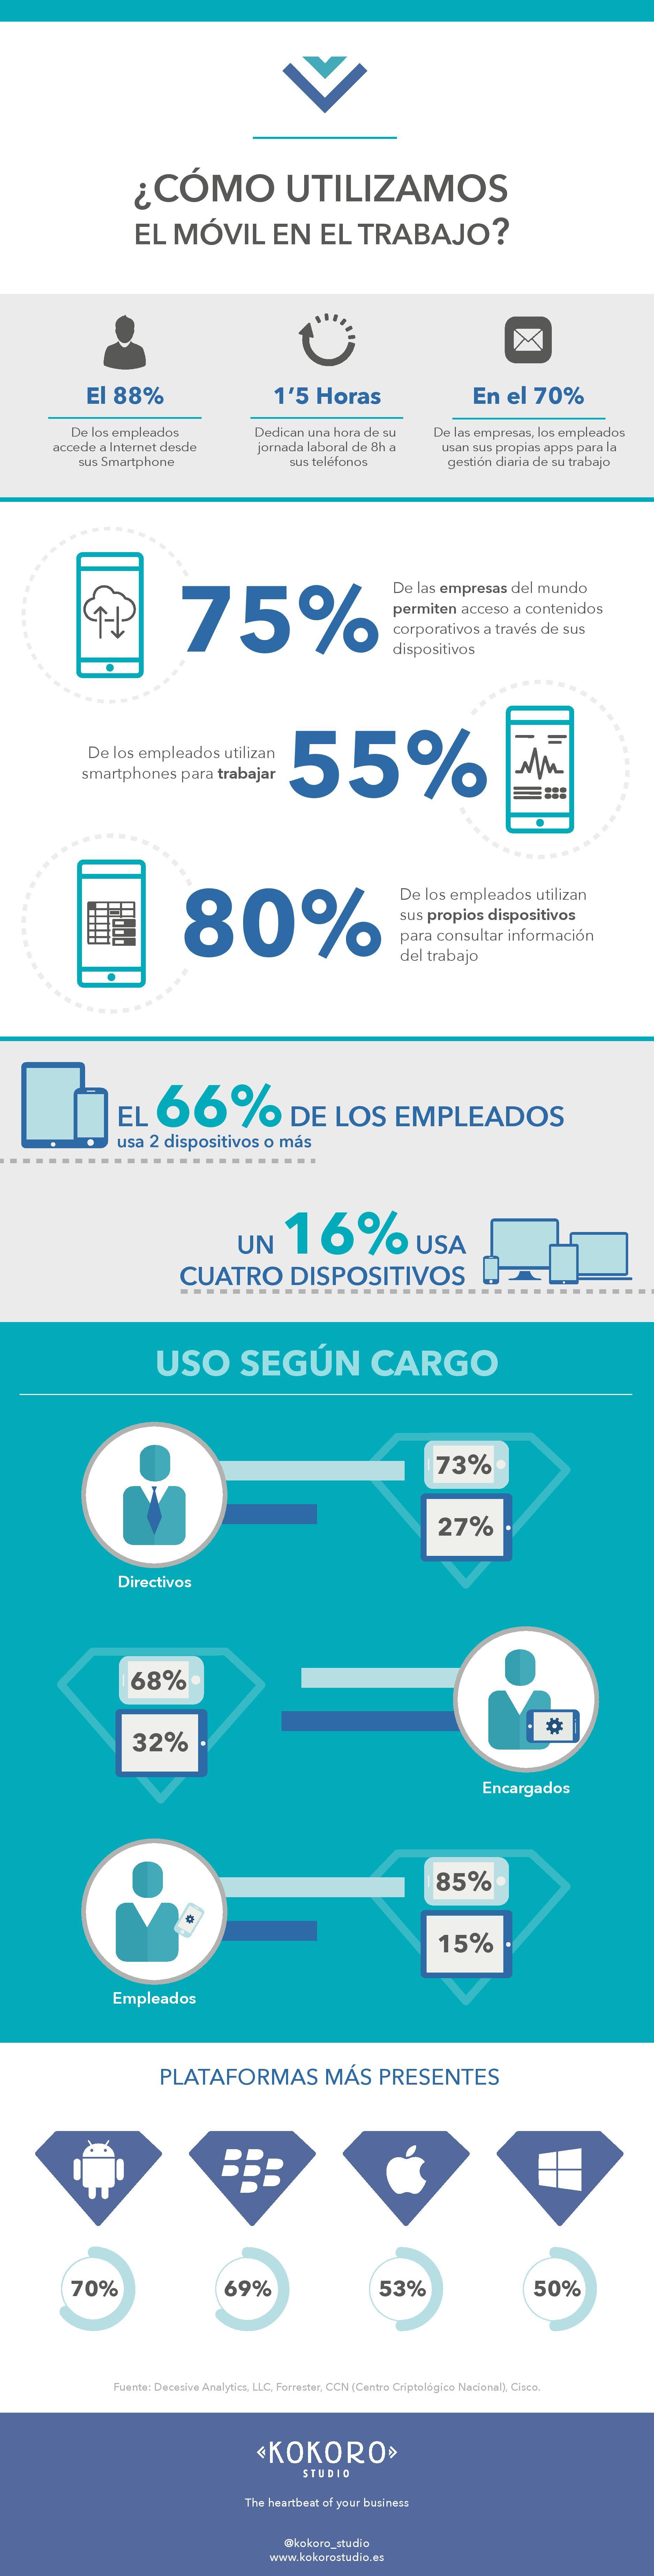 infografia_como_usamos_el_movil